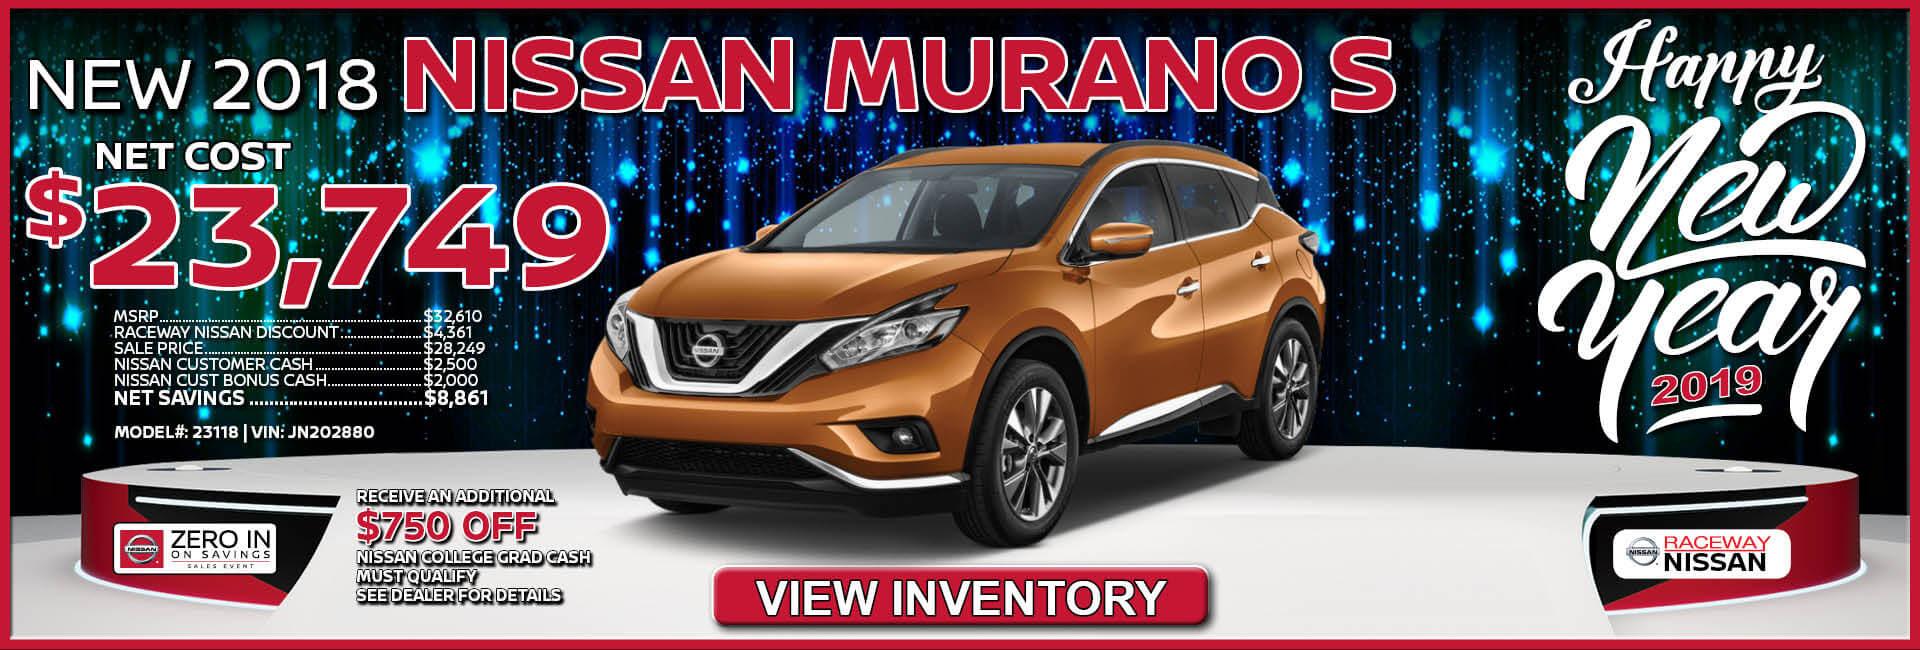 Nissan Murano $23,749 Purchase